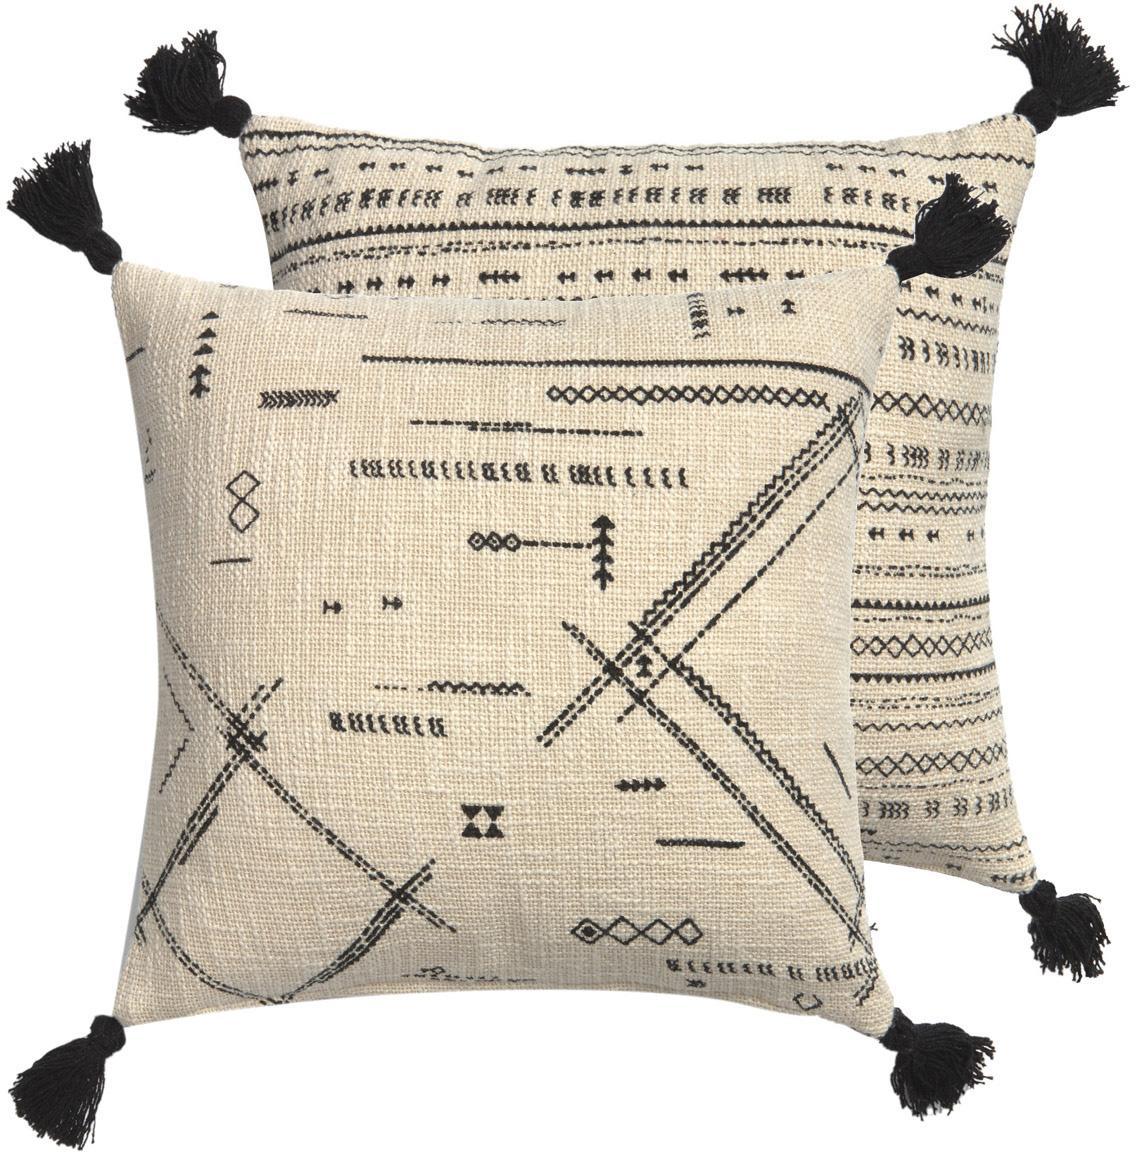 Dwustronna poszewka na poduszkę z chwostami Kertes, 100% bawełna, Czarny, S 45 x D 45 cm